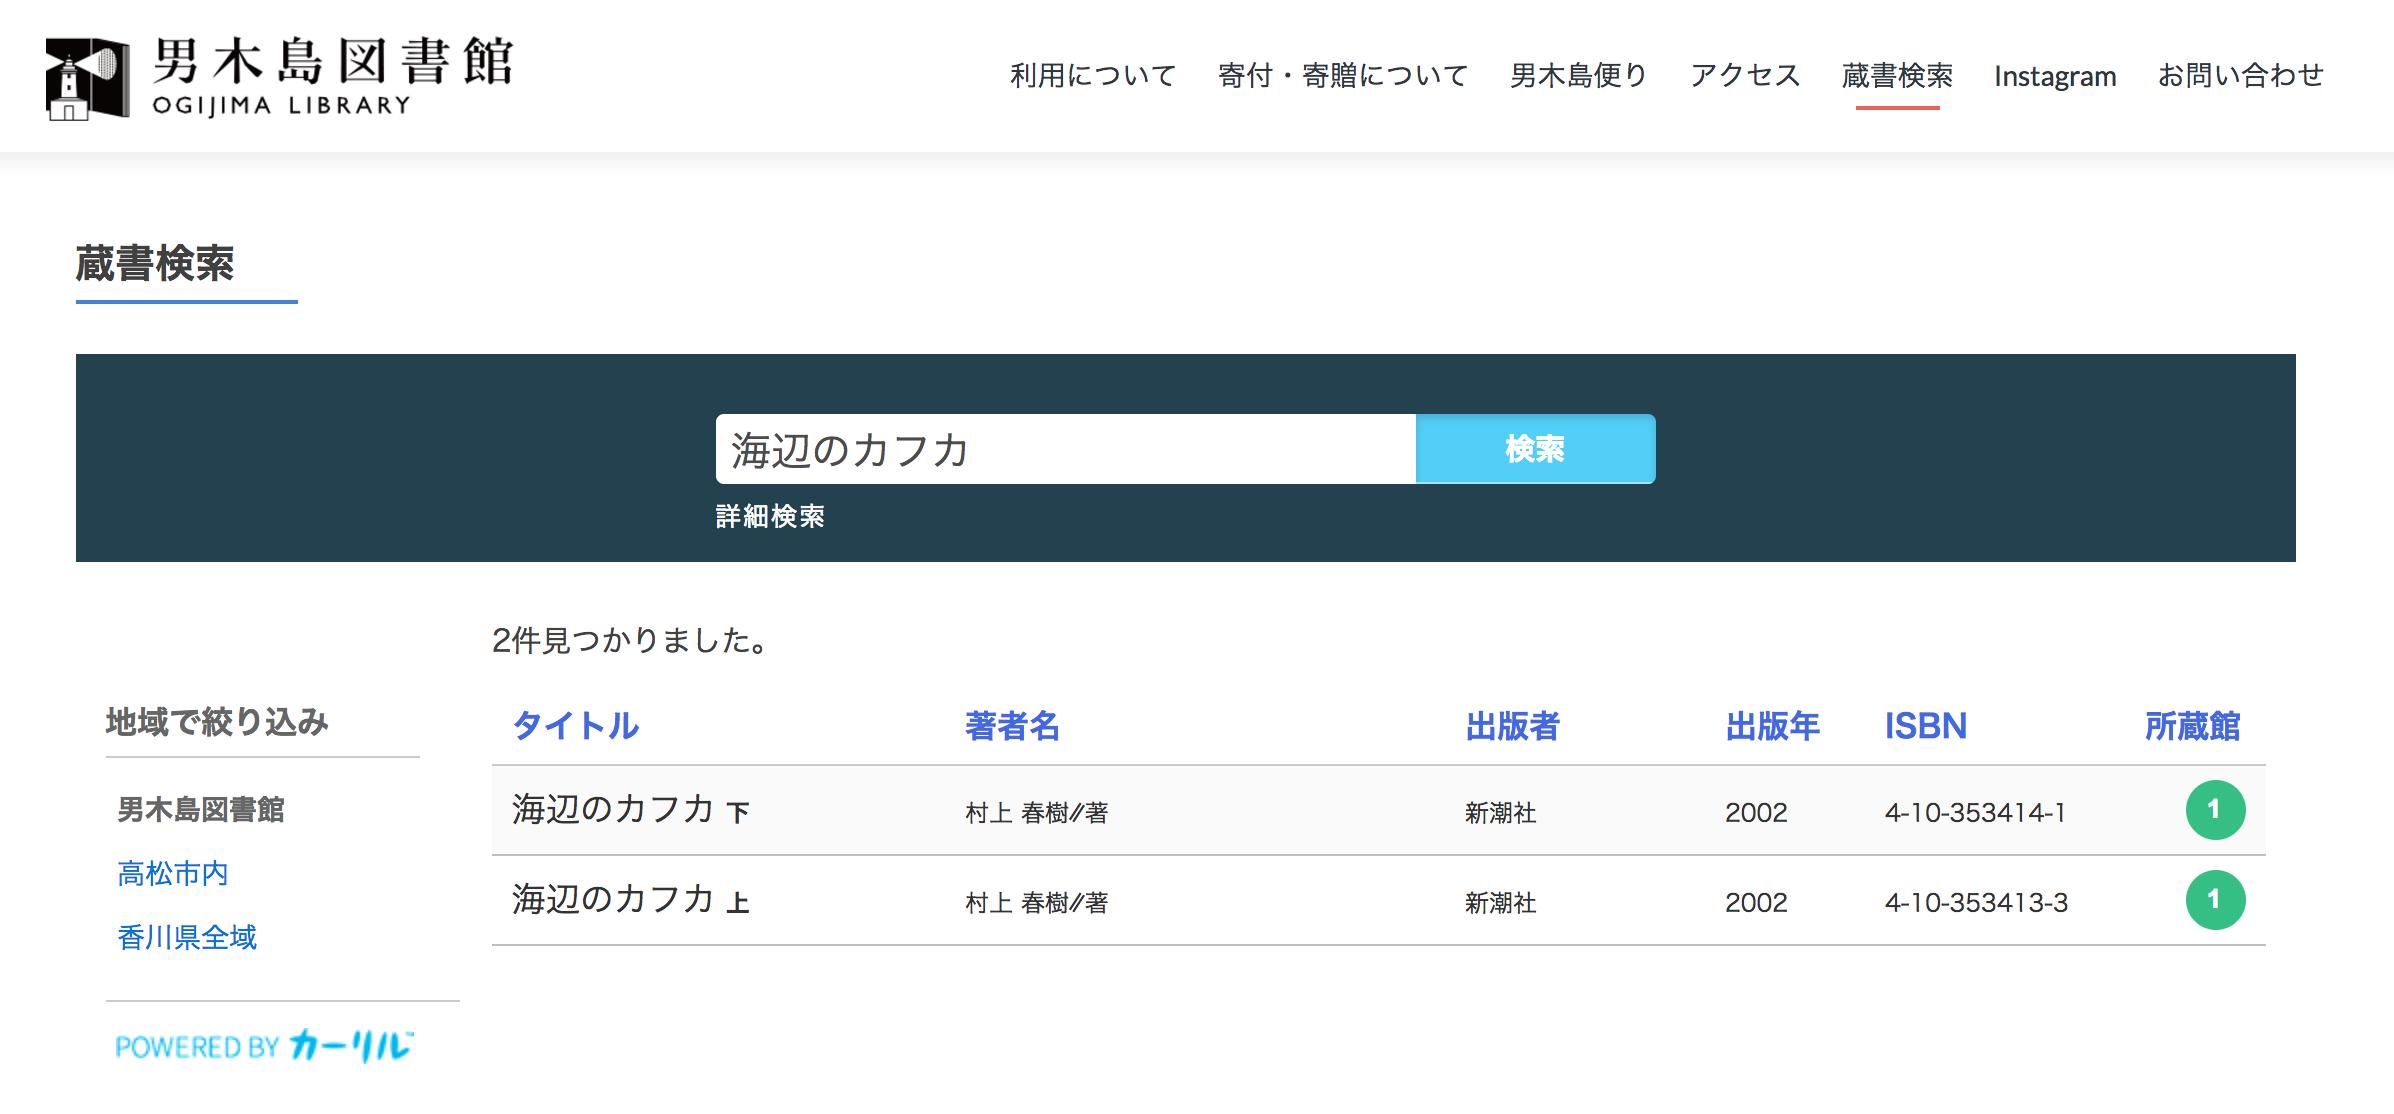 男木島図書館蔵書検索